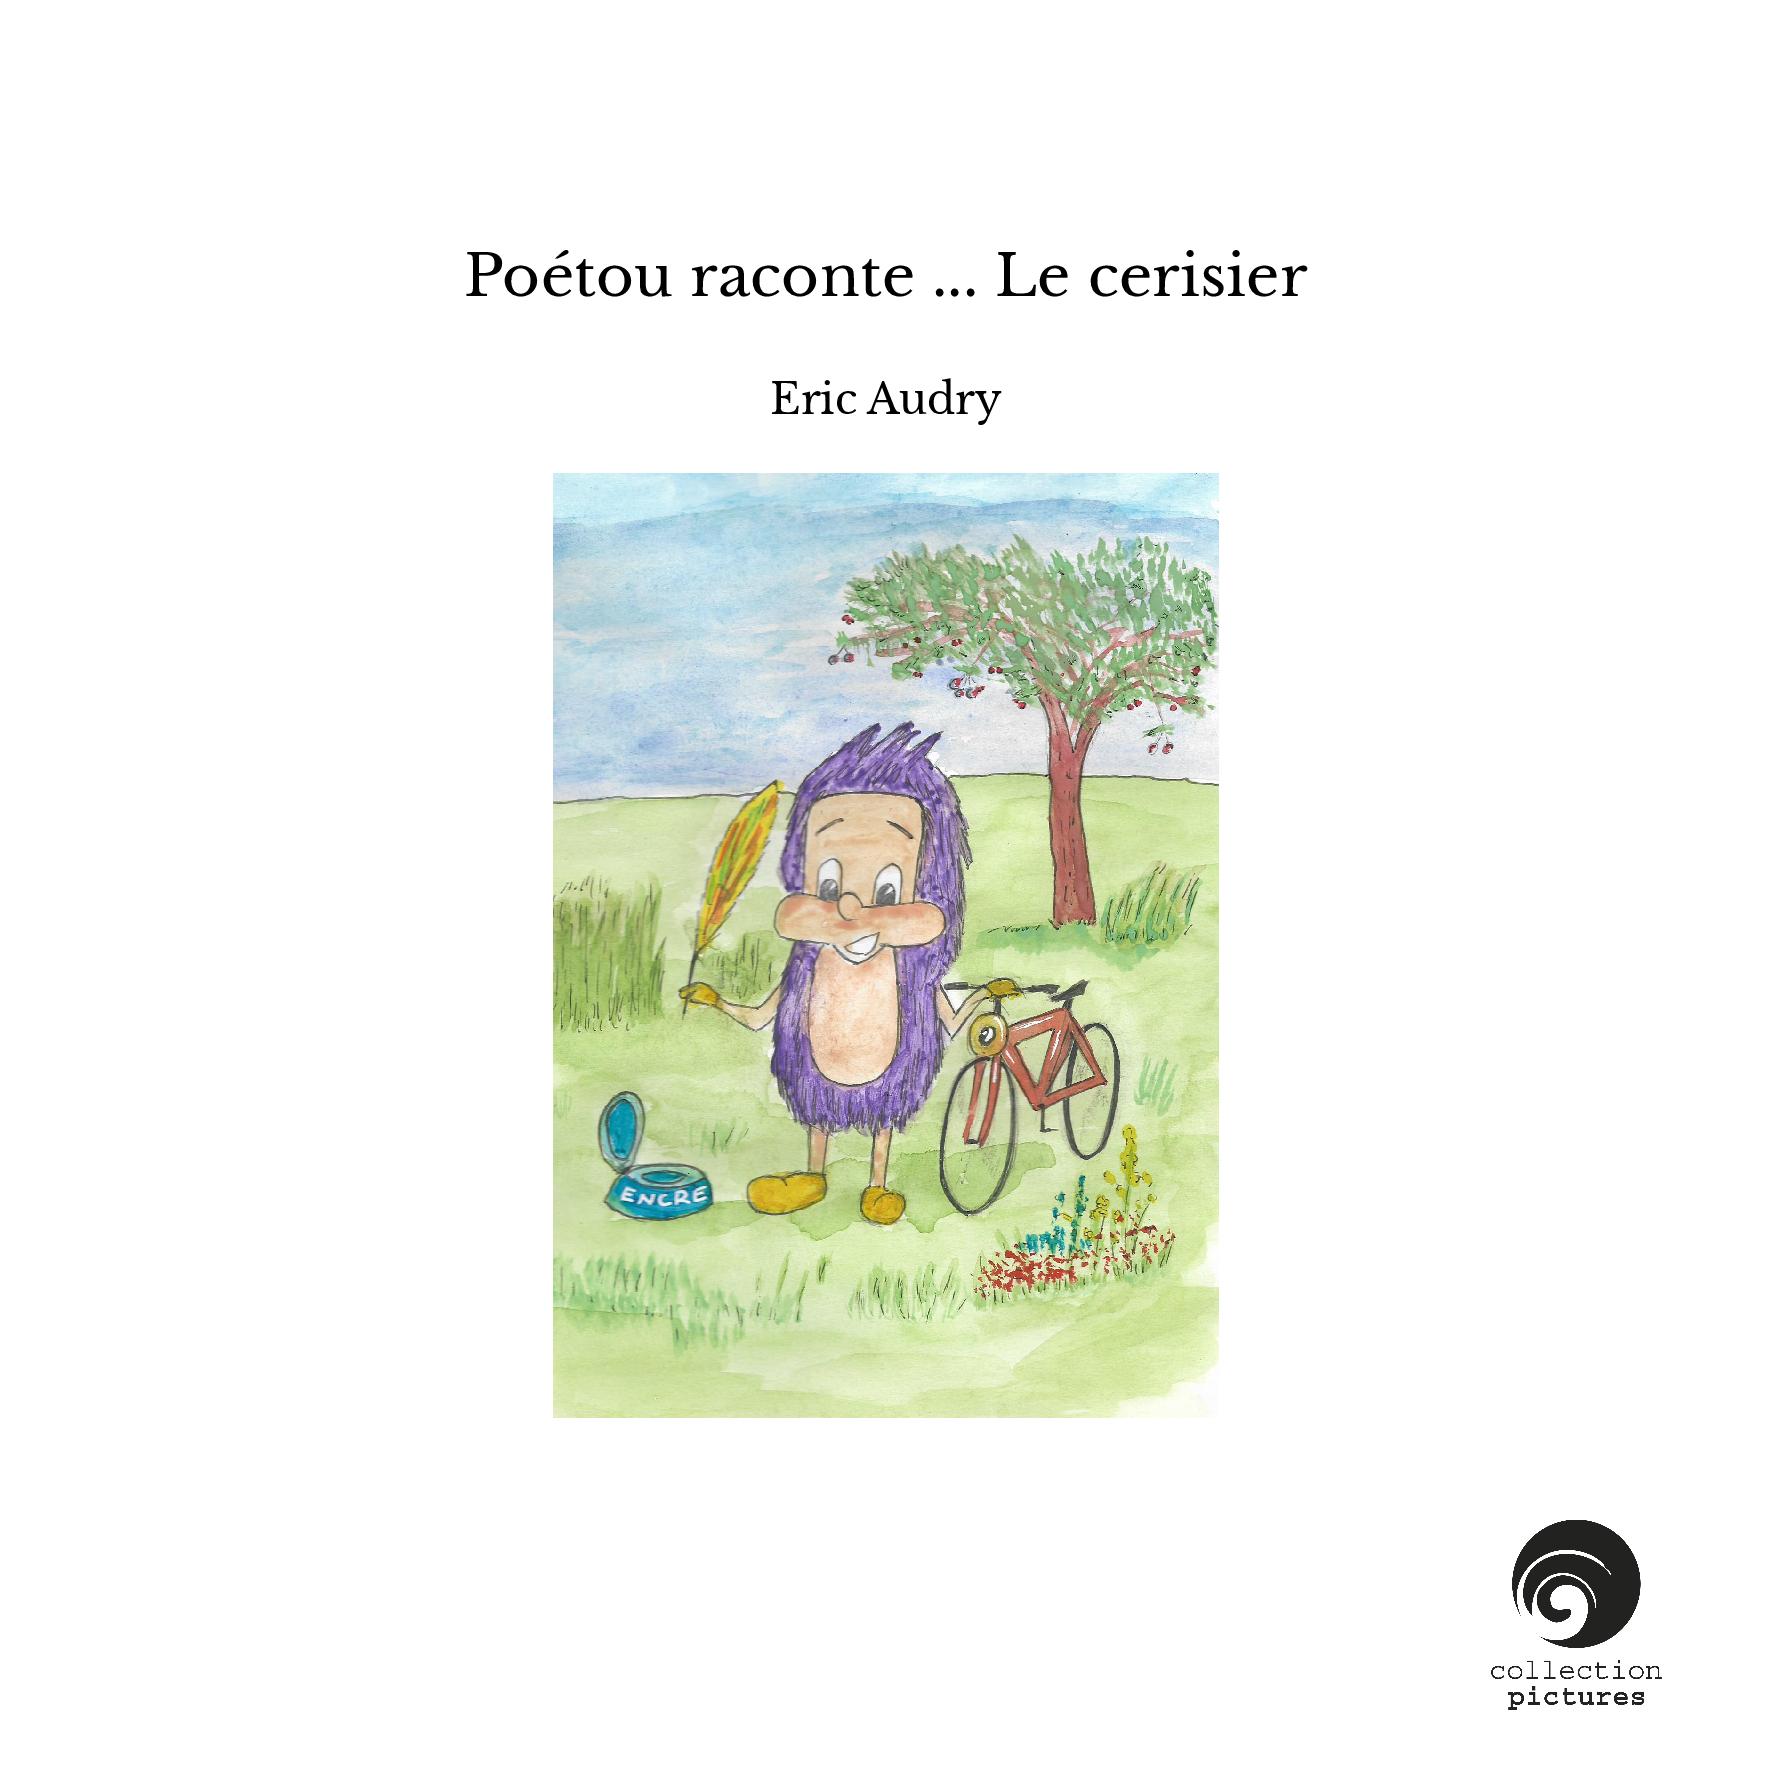 Poétou raconte ... Le cerisier